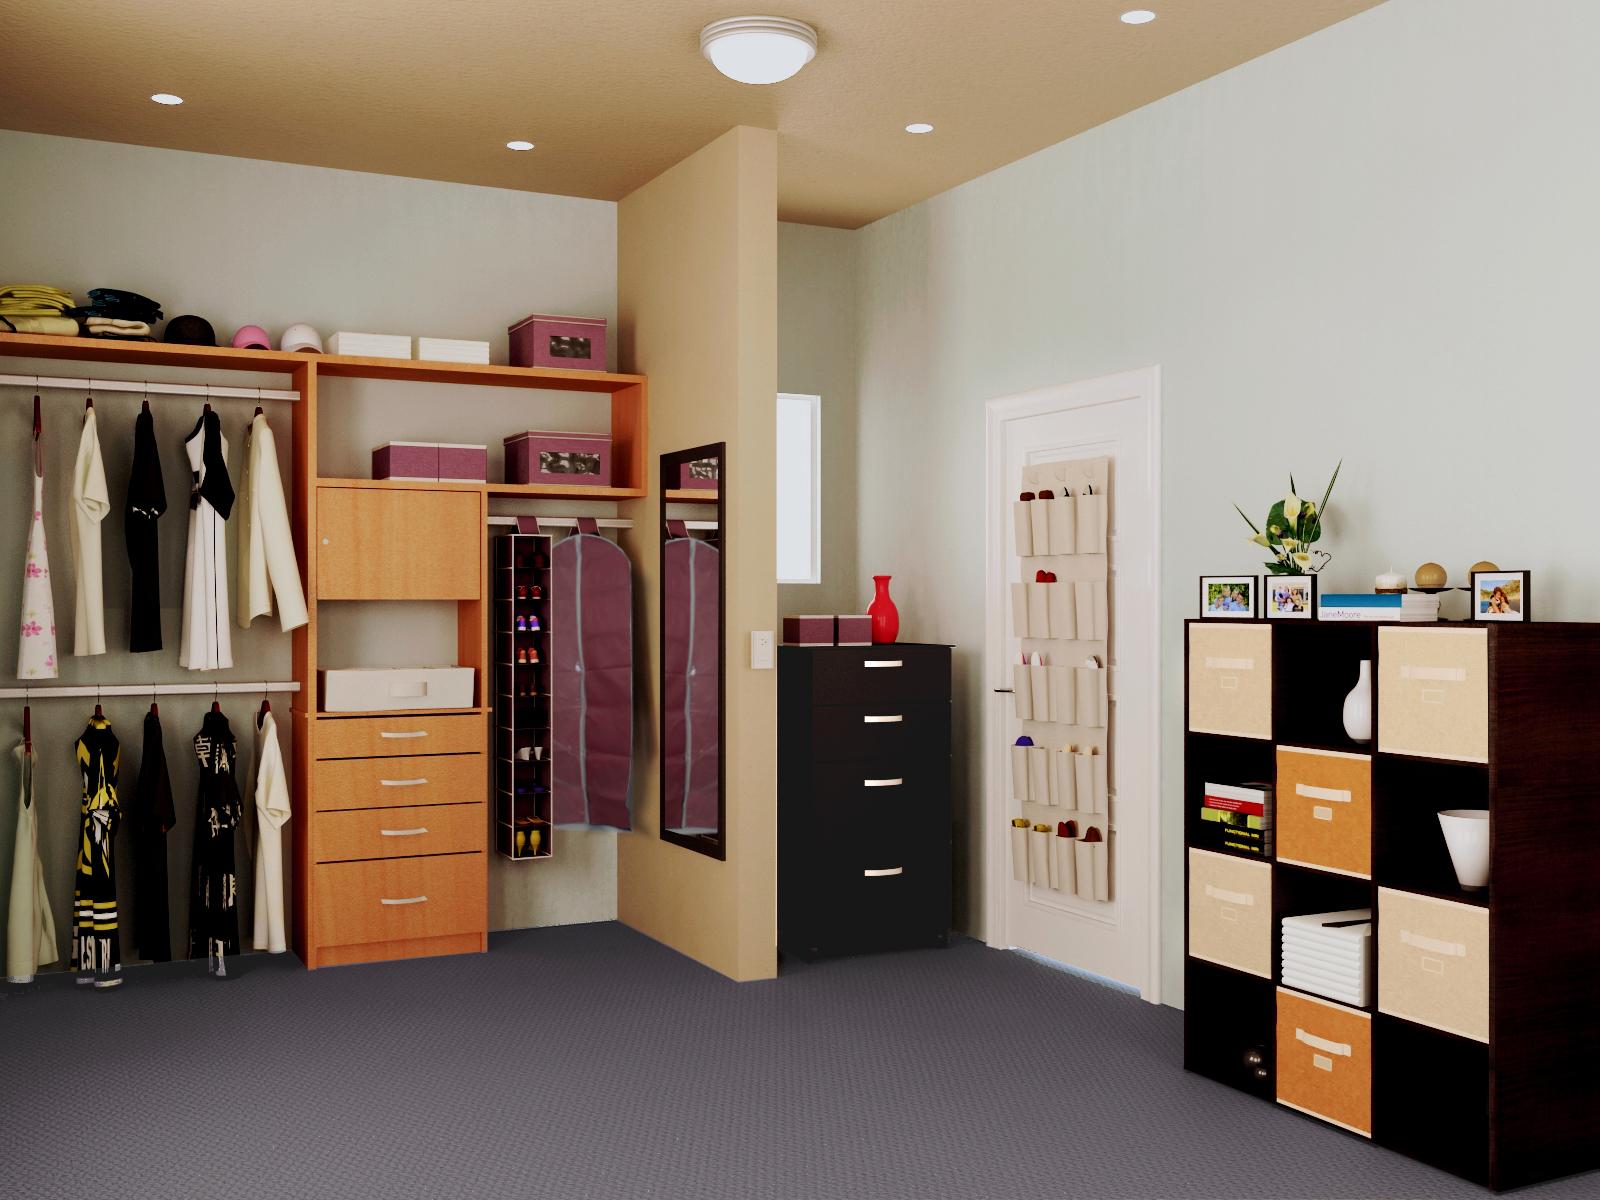 El orden de la casa los beneficios de un hogar ordenado - Orden en casa ...